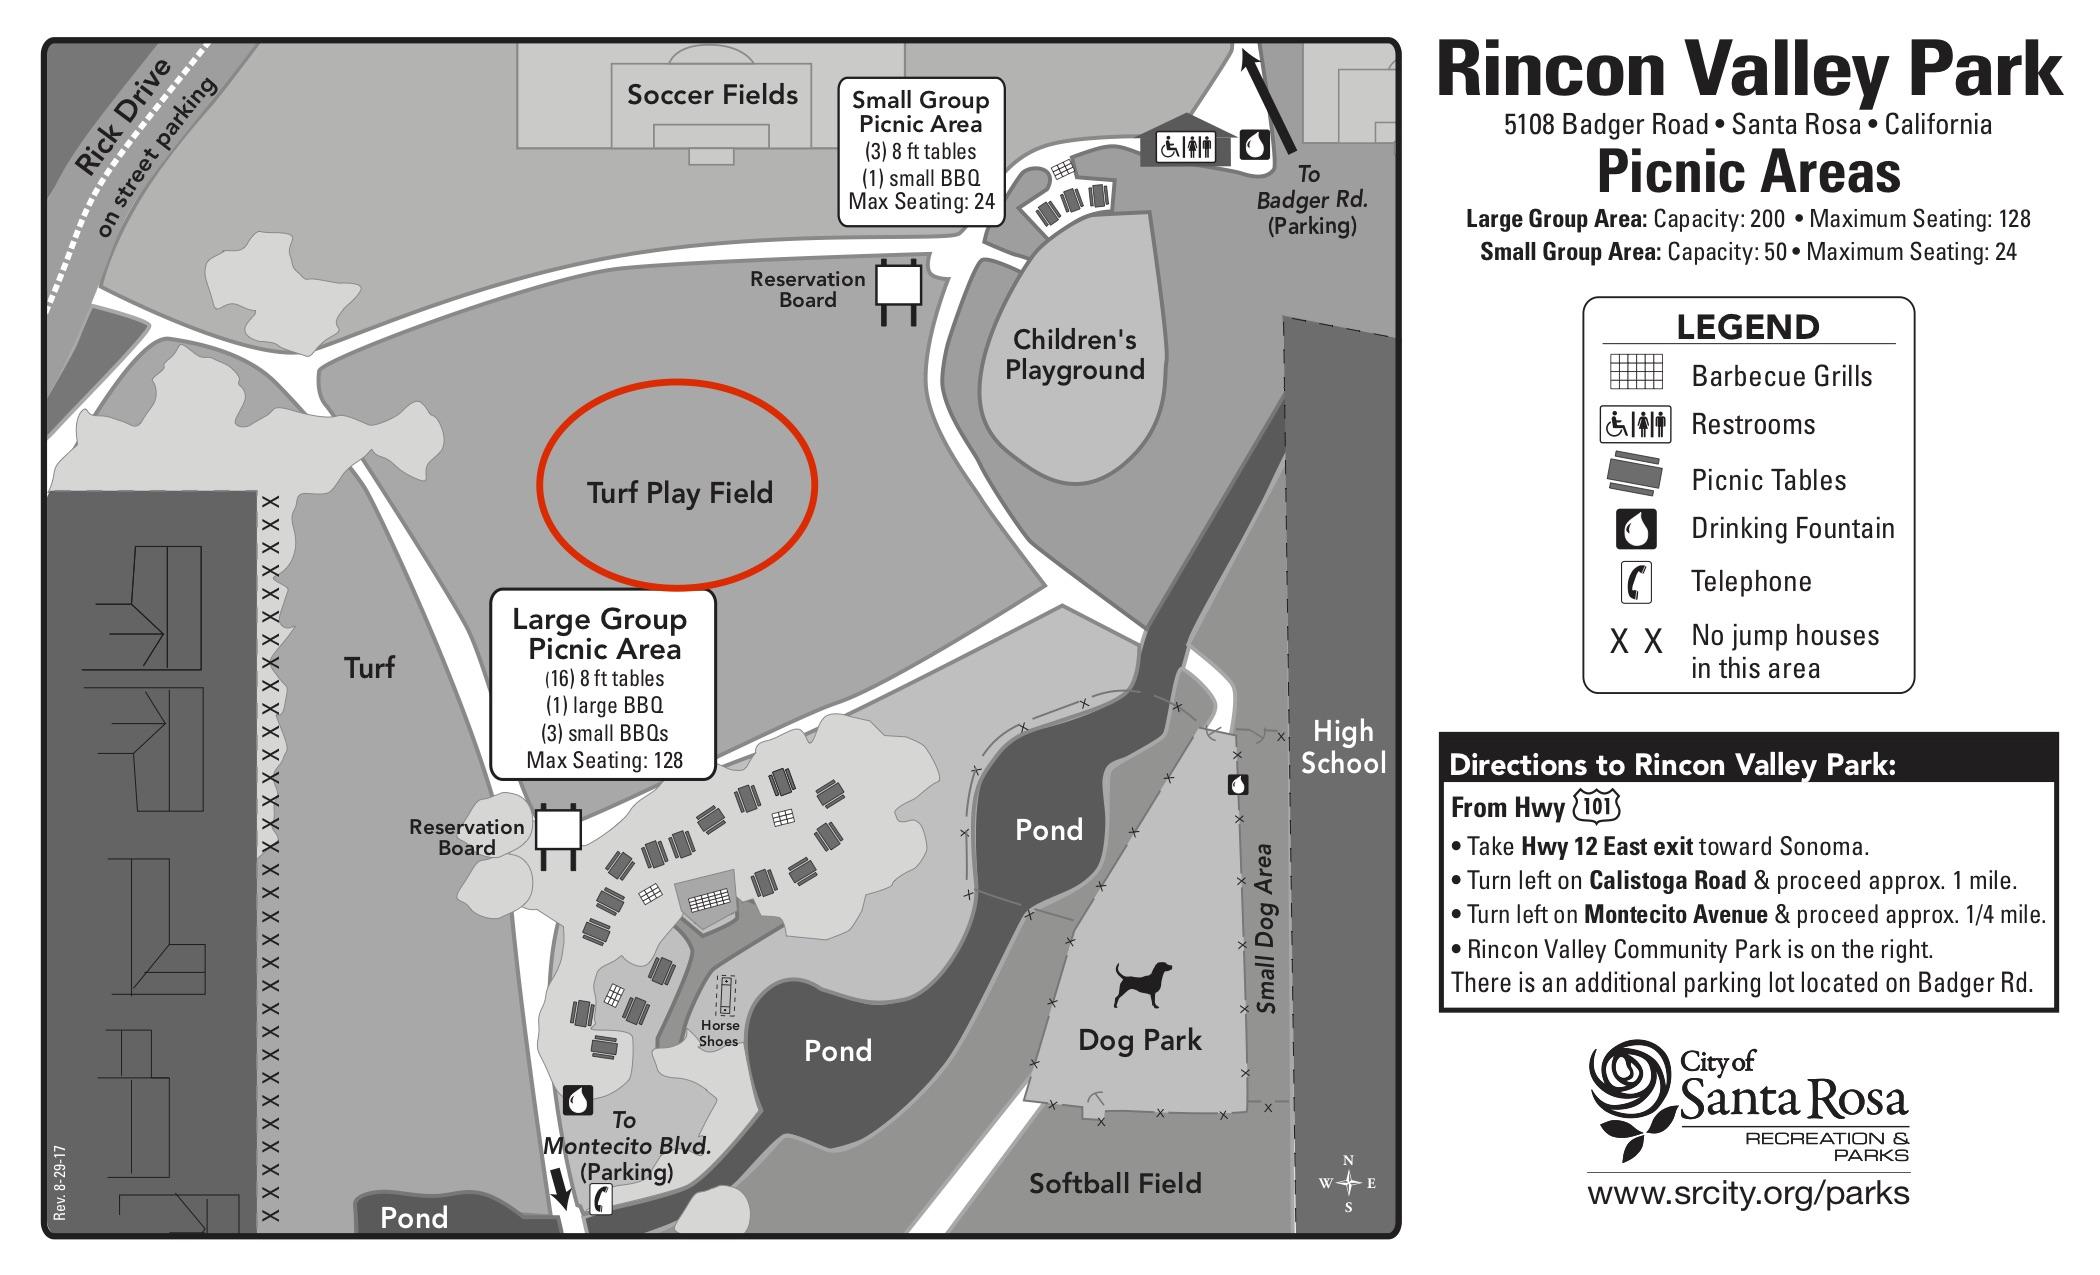 Rincon Valley Picnic Sites copy.jpg